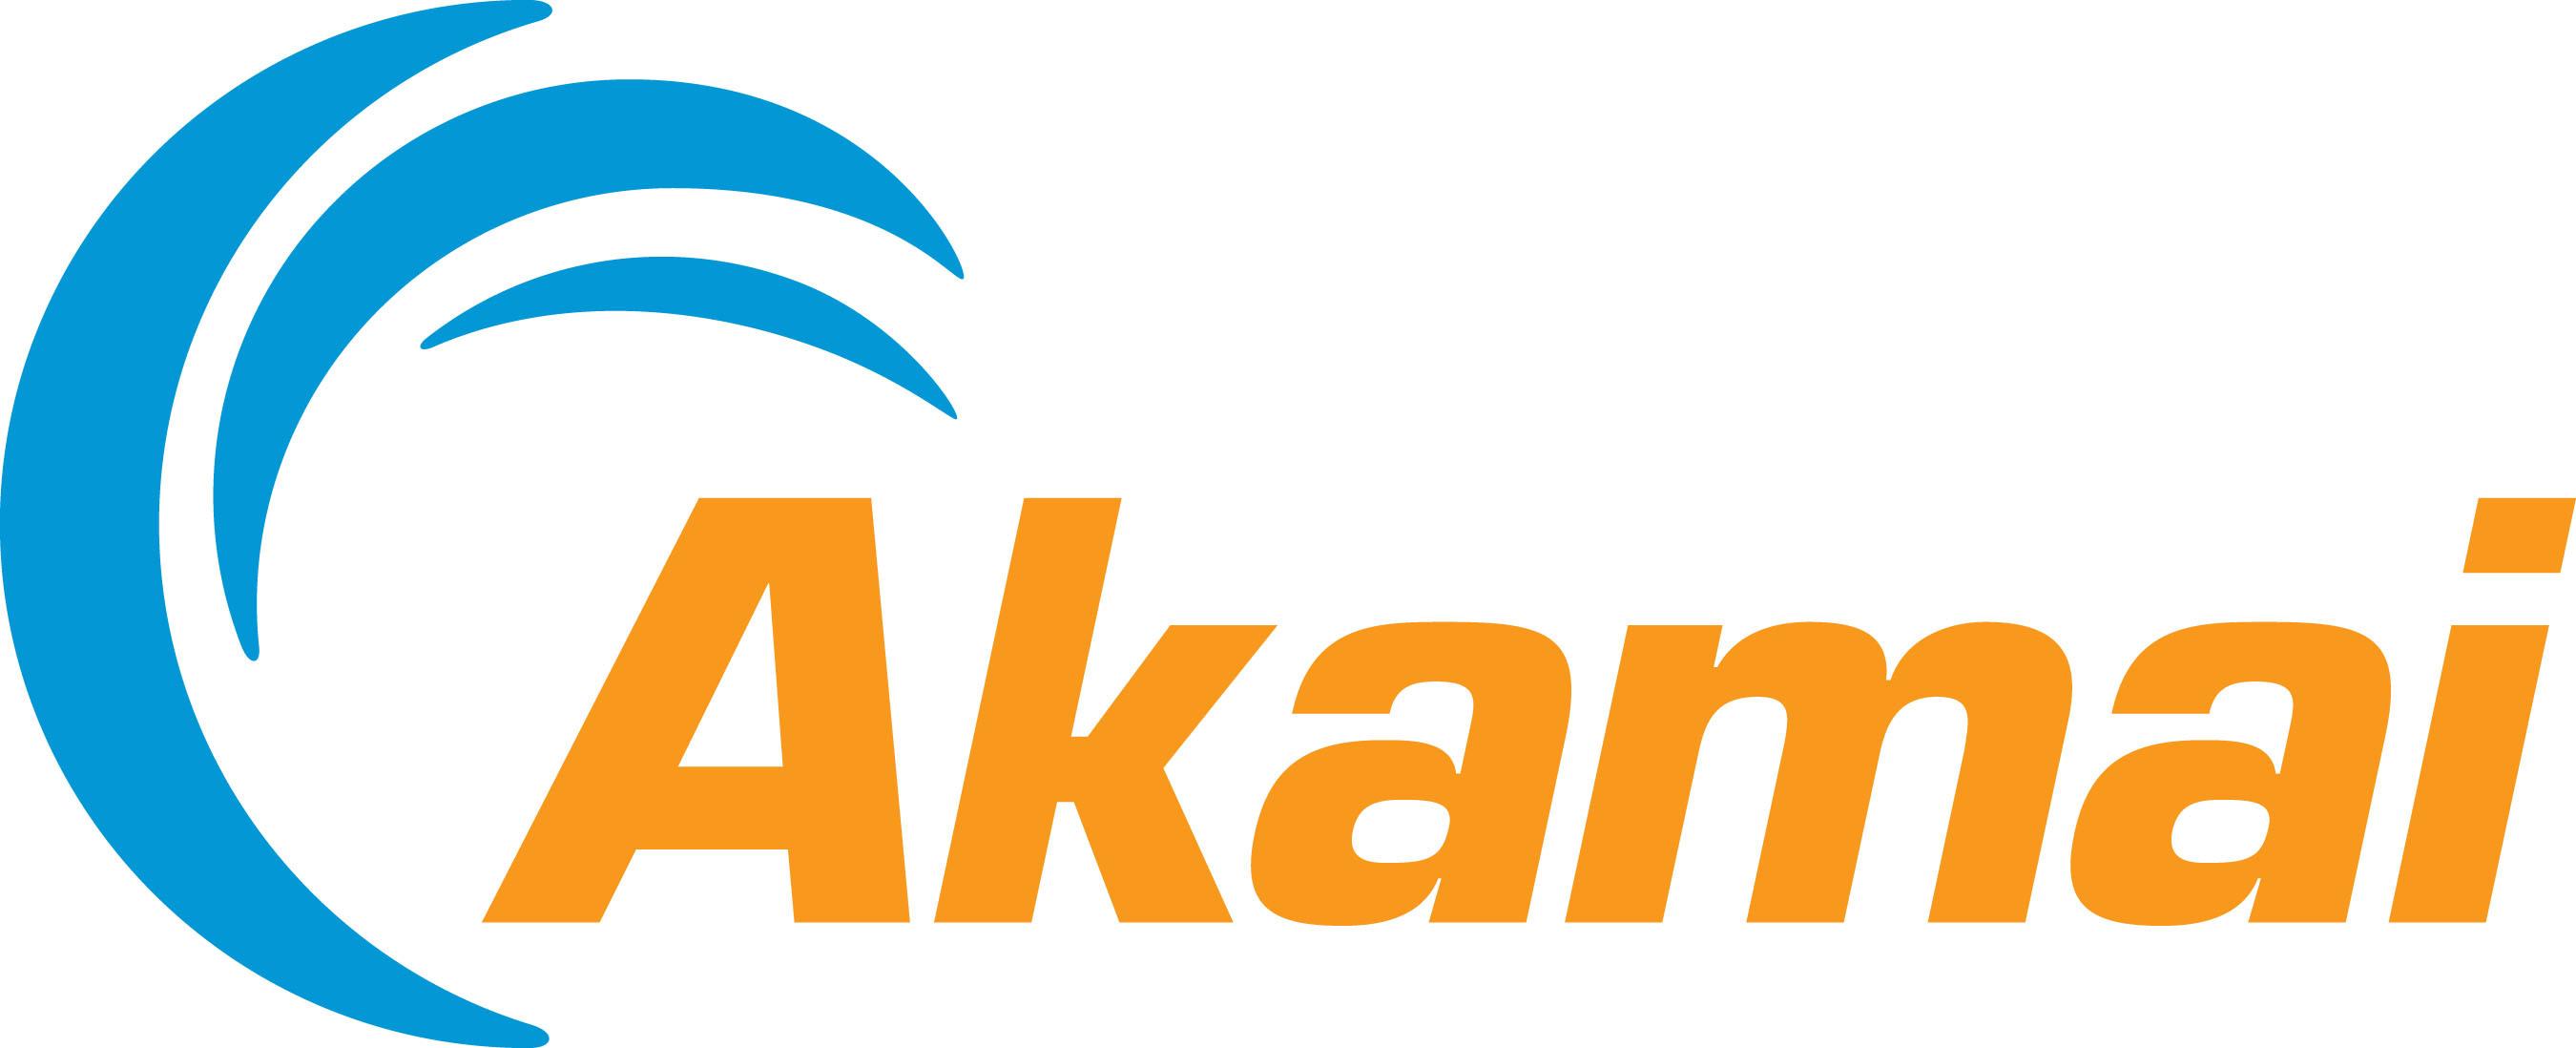 Akamai technologies inc скачать торрент безопасный форекс